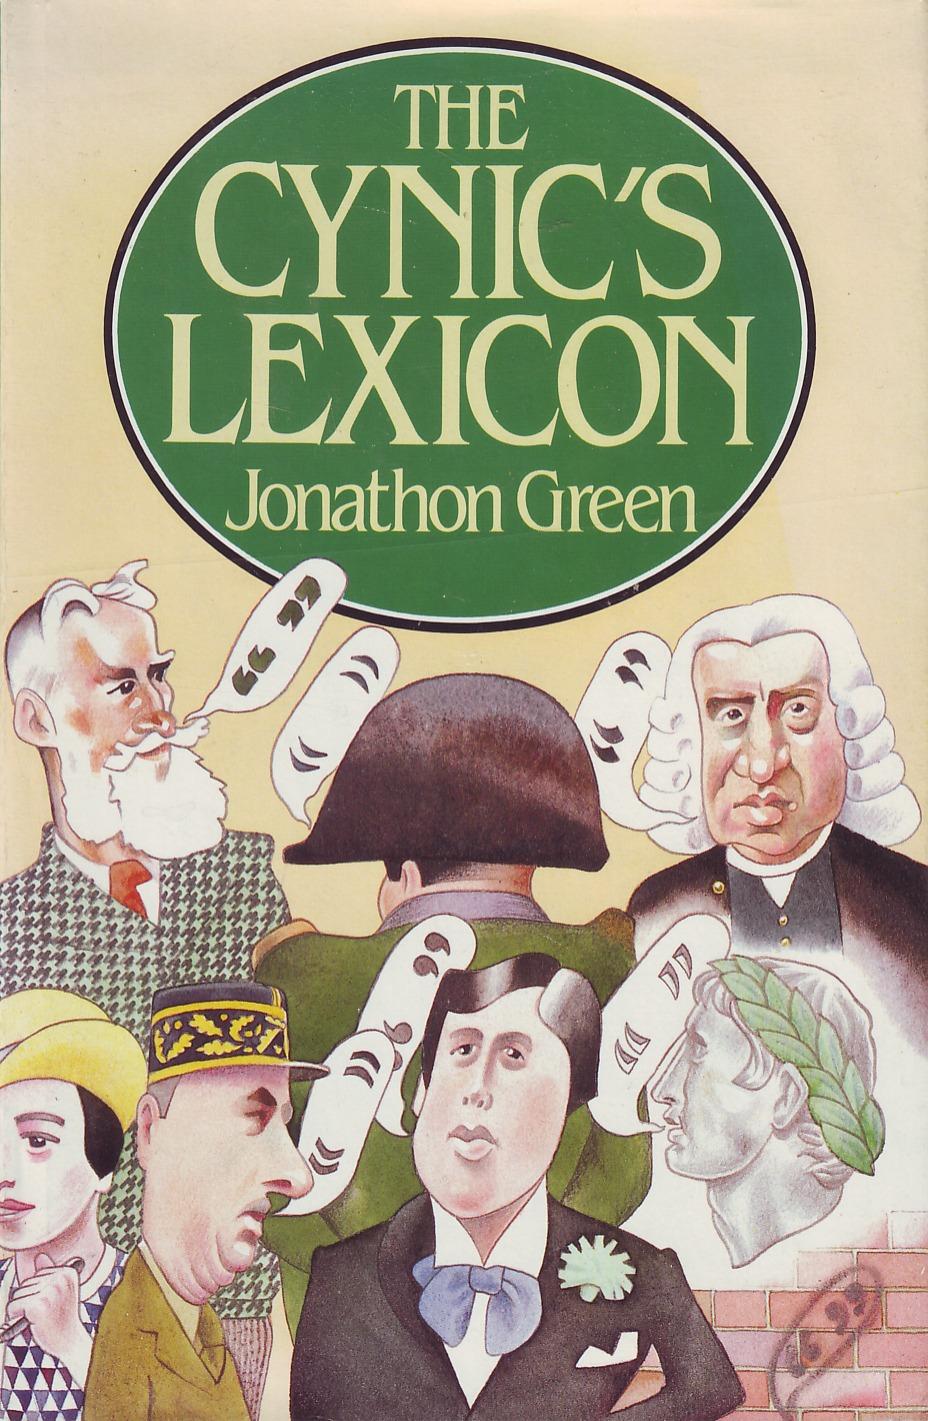 The Cynic's Lexicon